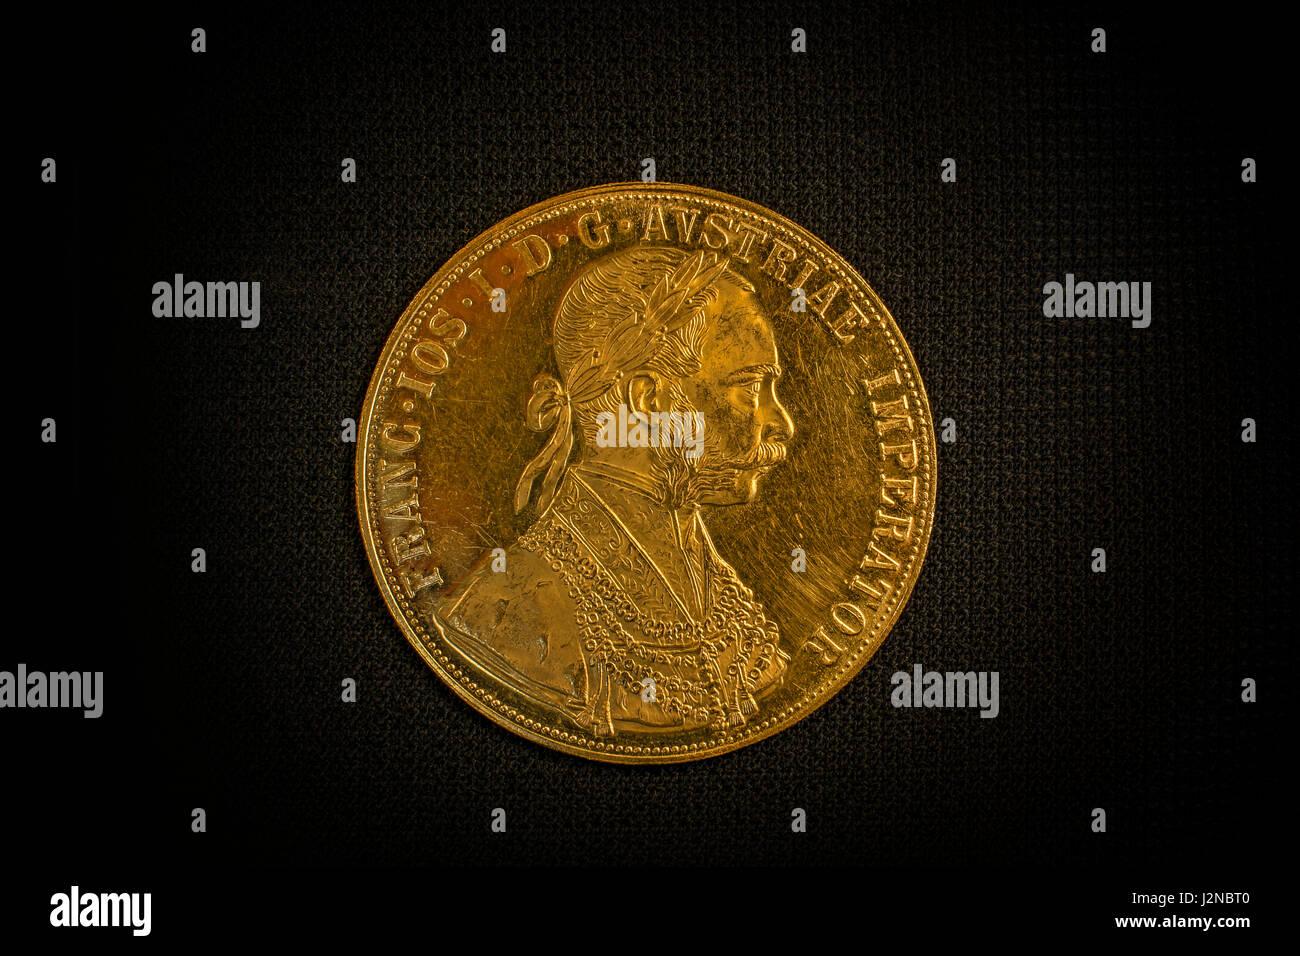 Nahaufnahme Der Austria Hungary Thaler Beteuert Der Goldenen Münze